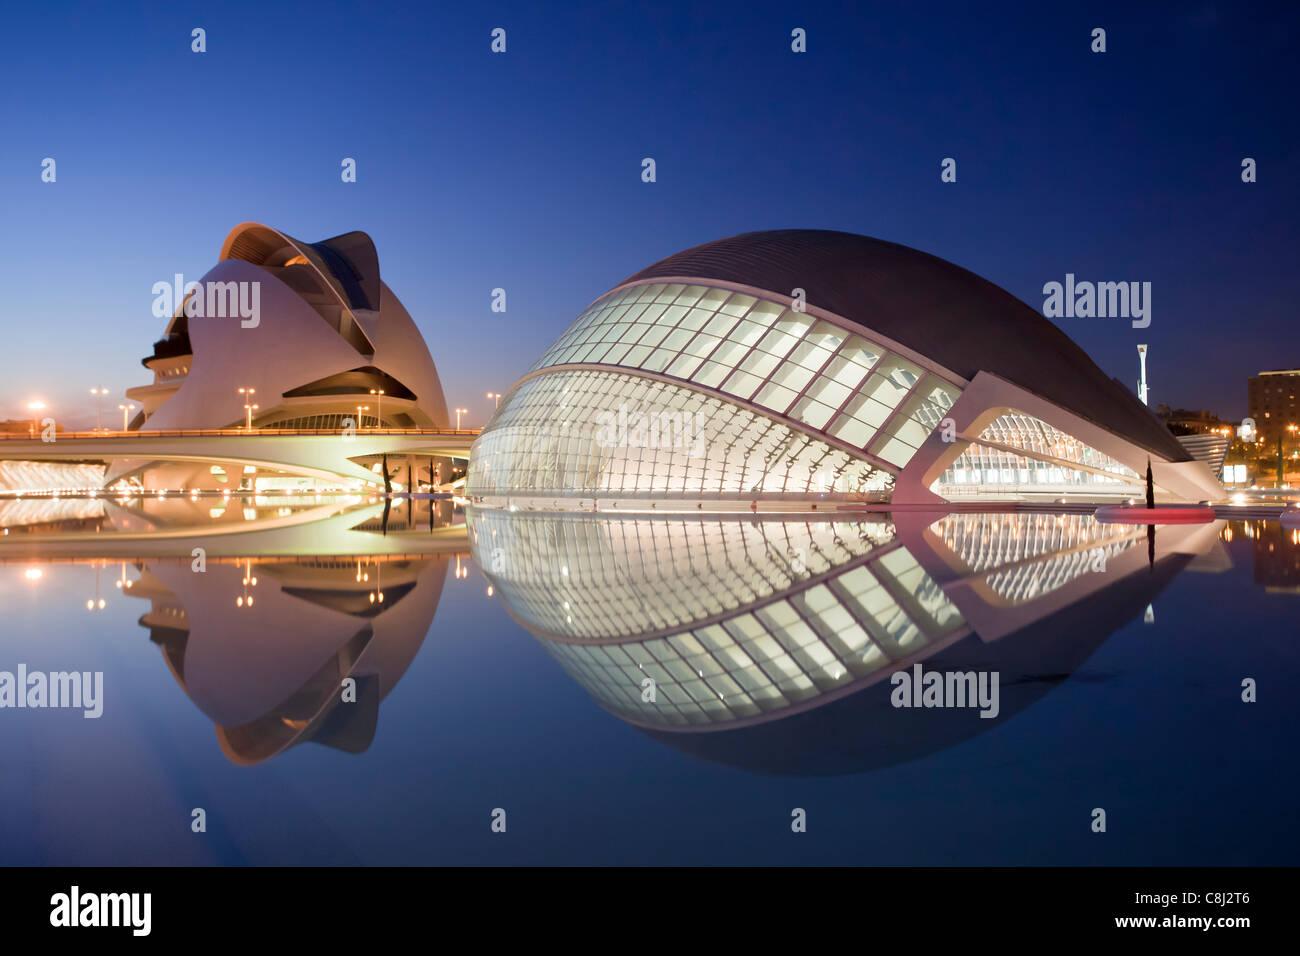 Spanien, Europa, Valencia, Stadt der Künste und Wissenschaften, Calatrava, Architektur, Modern, Hemisferic, Stockbild